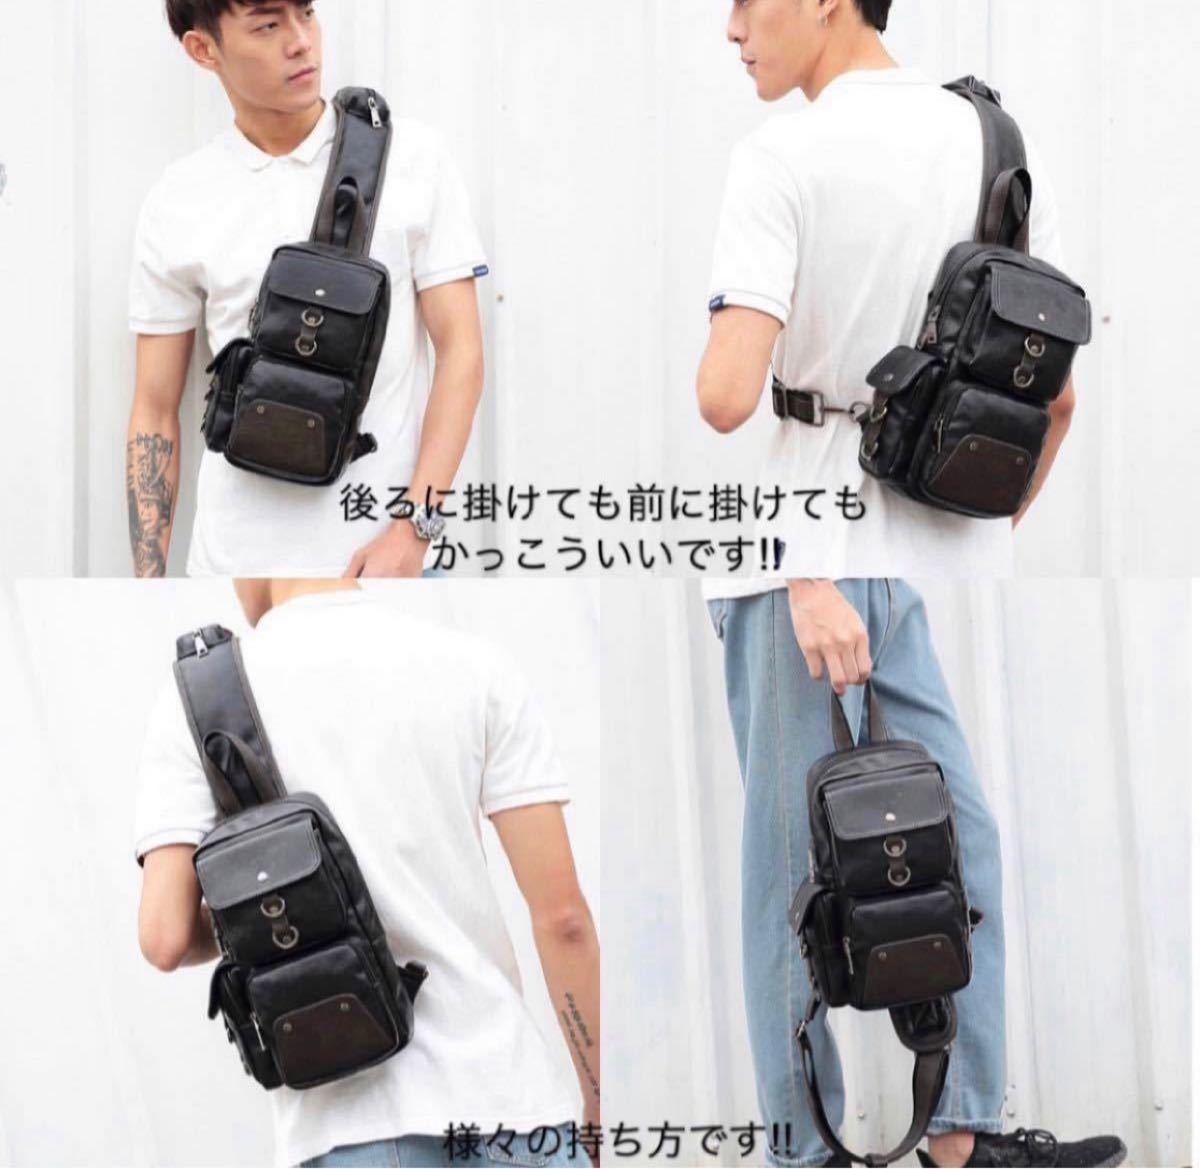 ボディバッグ ショルダーバッグ メンズバッグ 斜め掛け 斜め掛けバッグ ブラック  大容量 メンズボディバッグ 多機能 高品質